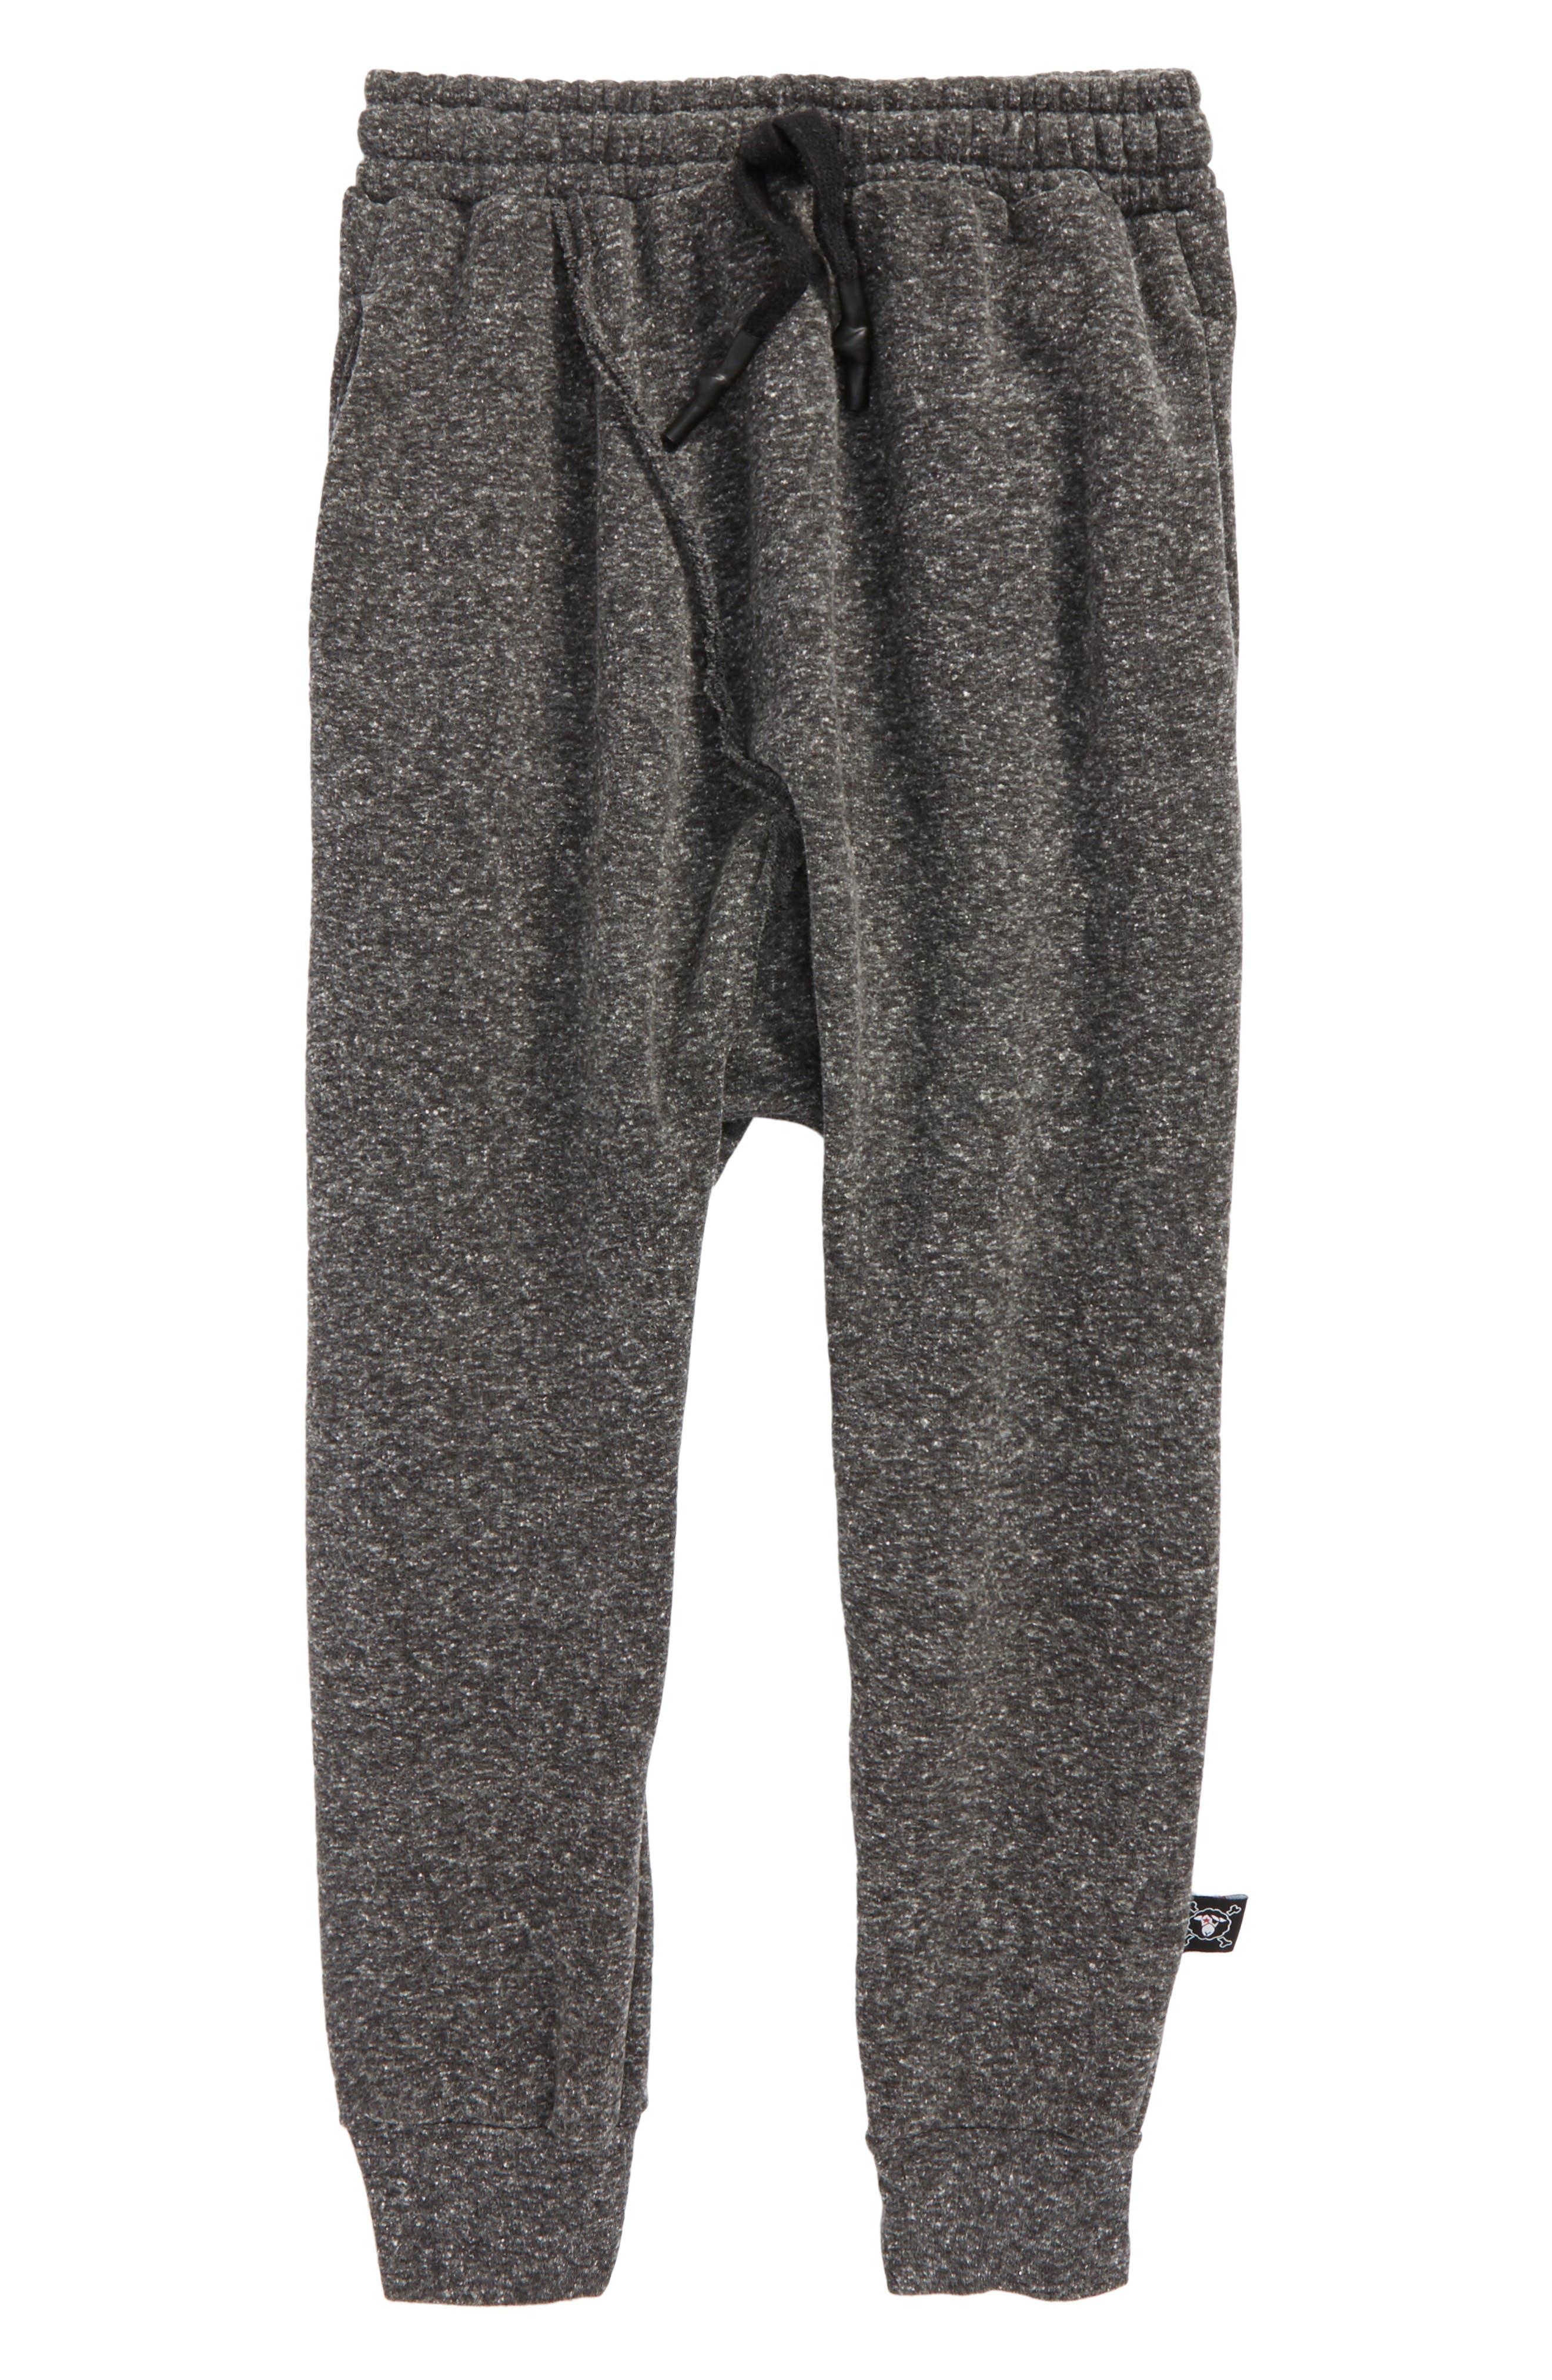 Raw Baggy Pants,                             Main thumbnail 1, color,                             Charcoal